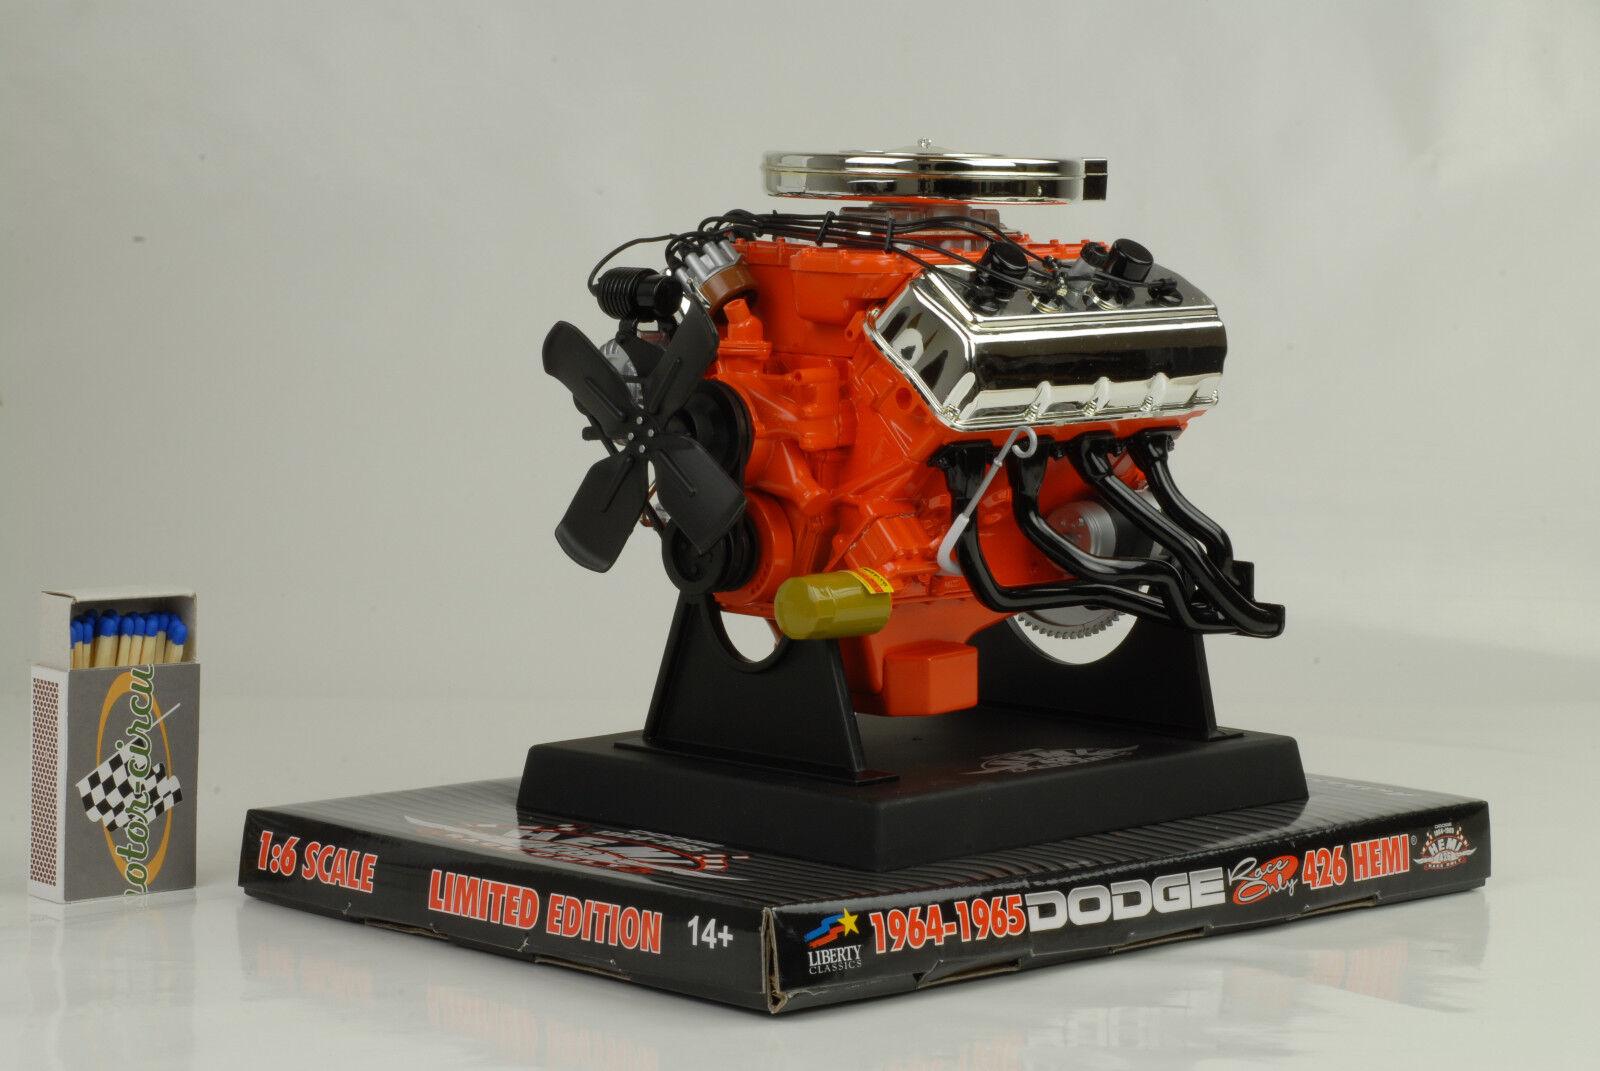 Moteur modèle moteur MODEL moteur DODGE 426 Hemi race 1 6 Liberty Classic